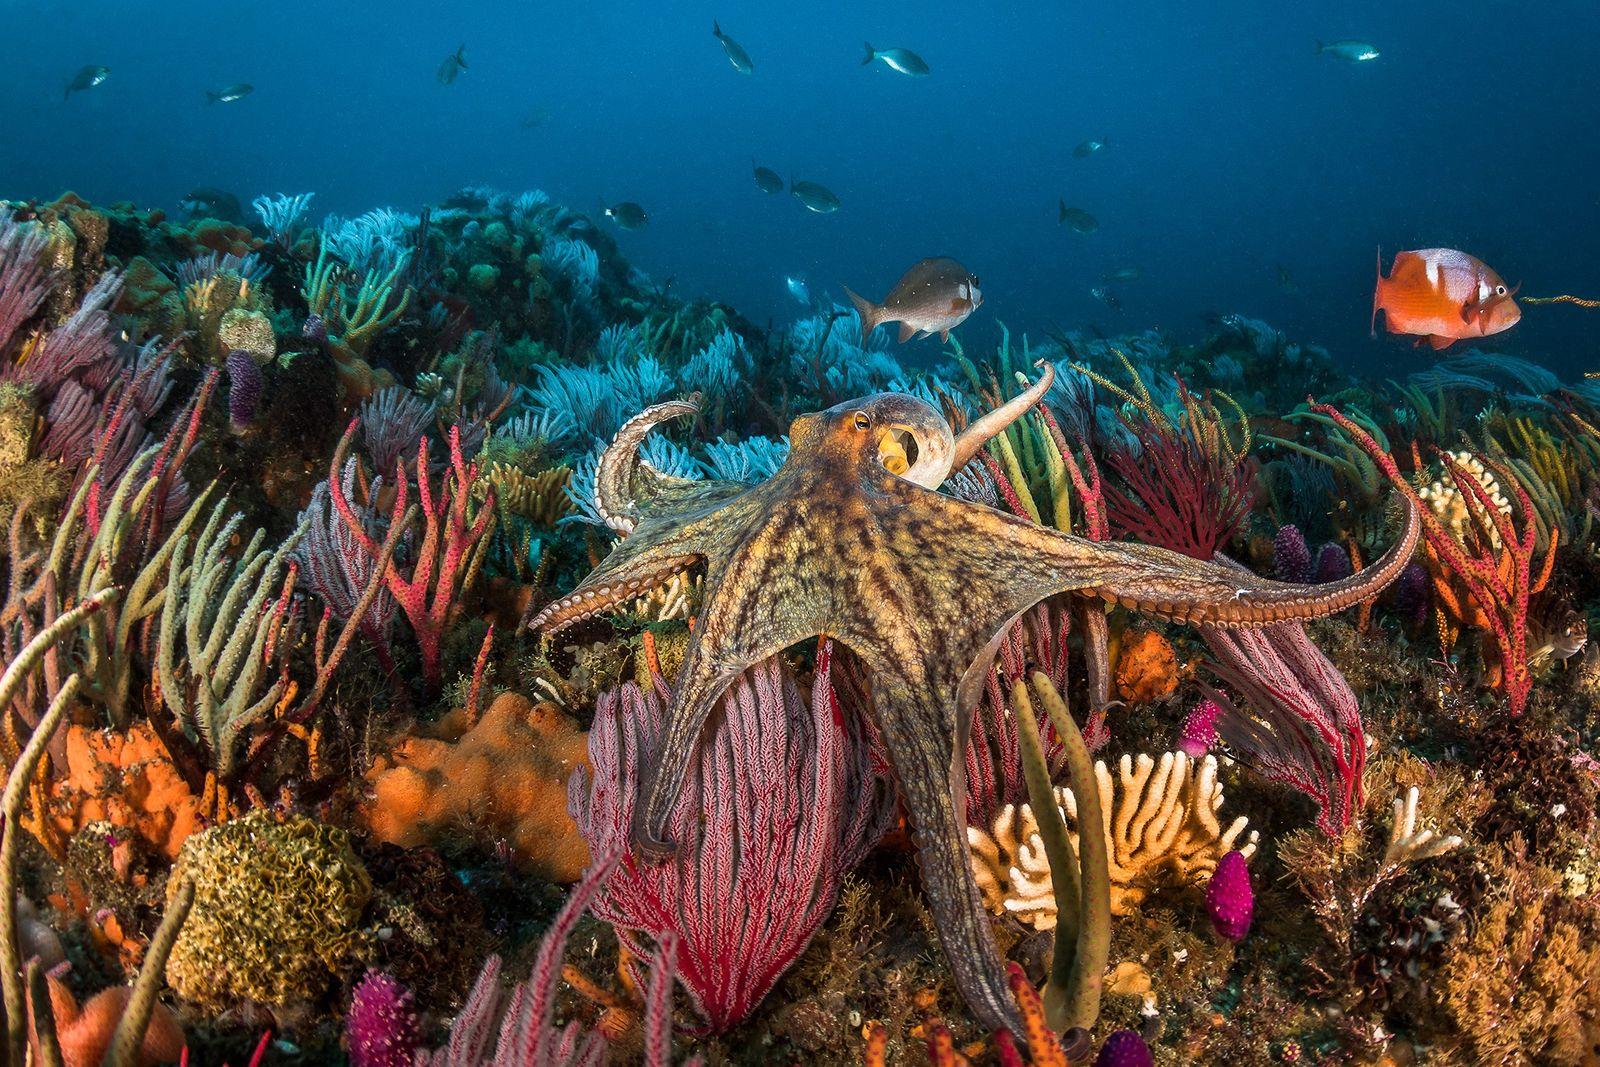 Der Appetit auf Oktopus: Wäre die Zucht der Tiere ethisch?